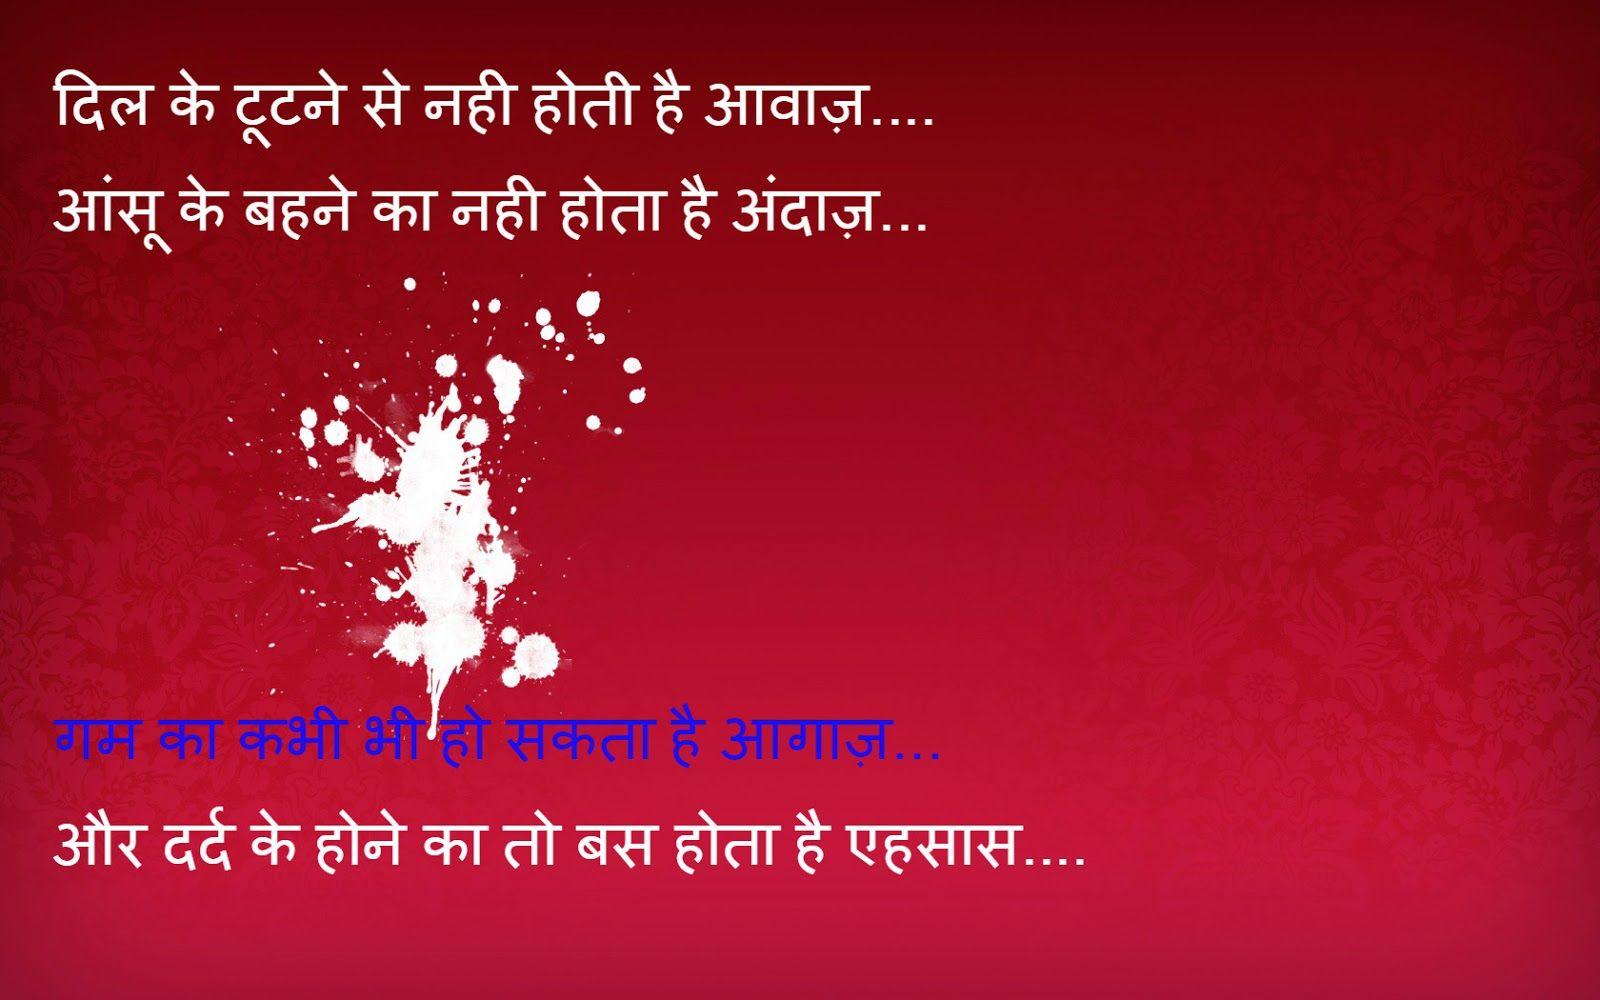 Hindi News Latest News In Hindi News In Hindi Hindi News Paper Online News Shayari Image Hindi Police